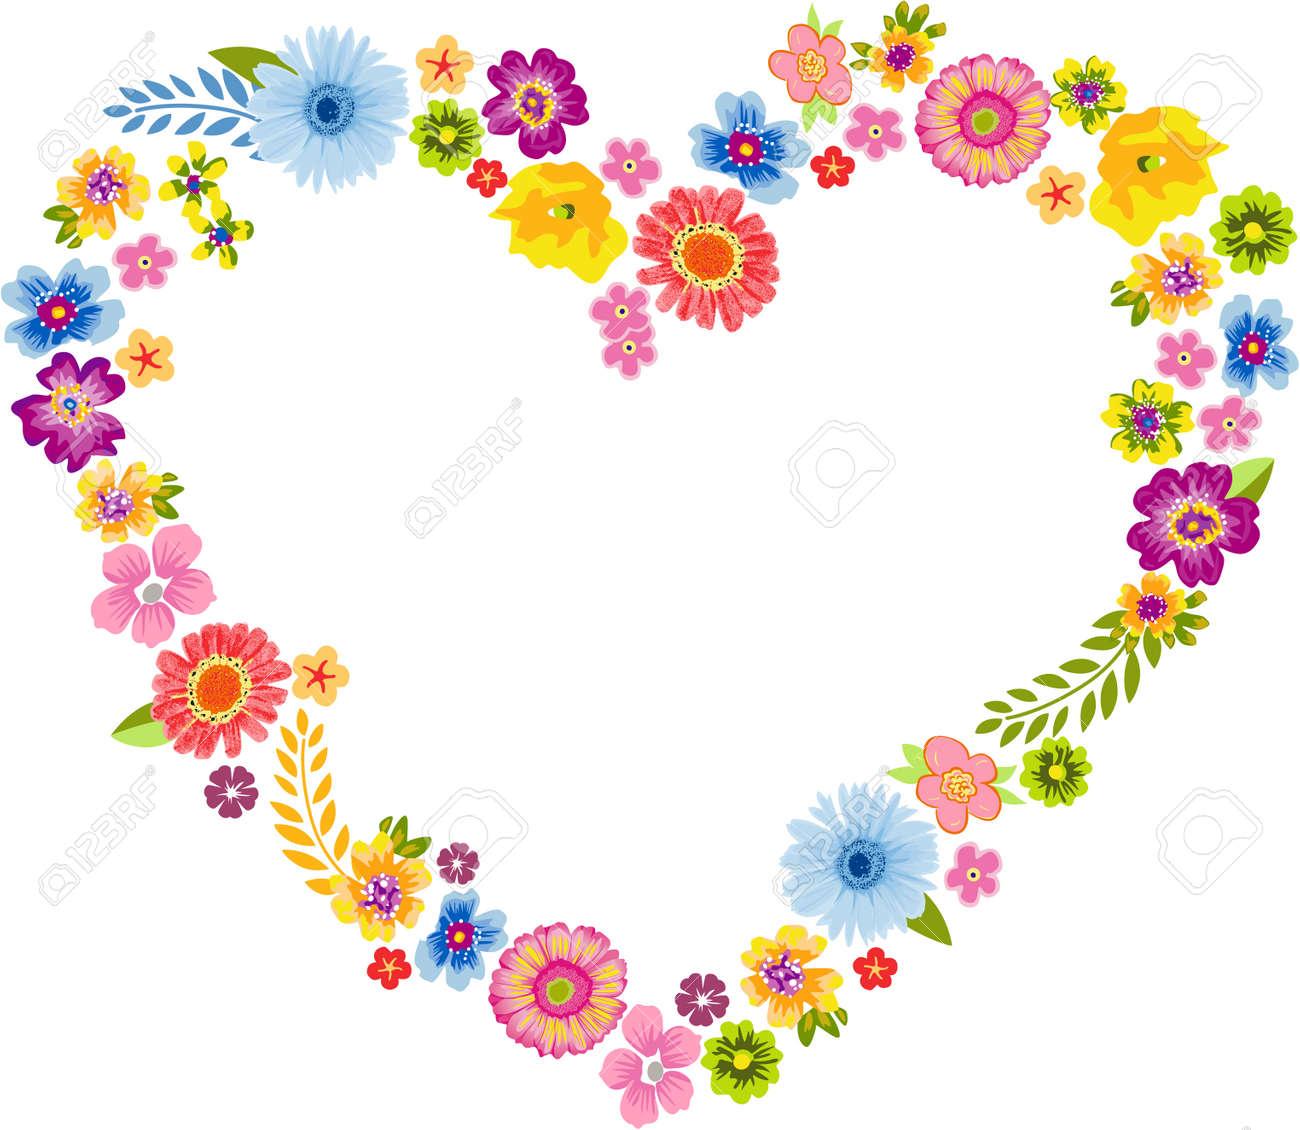 Marco Del Corazón De Flores De Primavera Ilustraciones Vectoriales ...